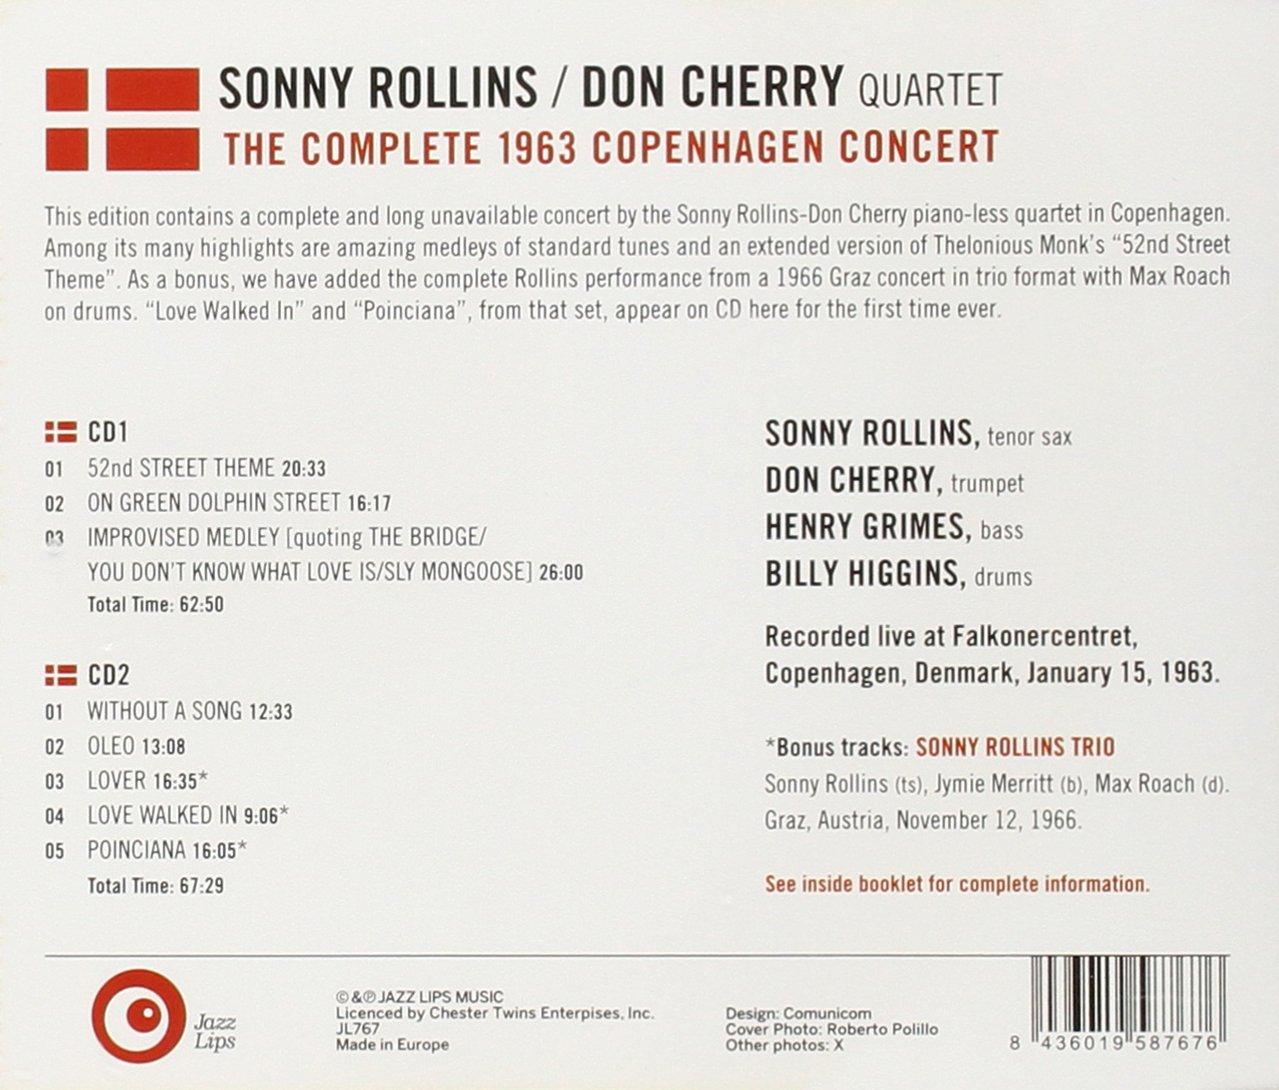 Sonny Rollins & Don Cherry - The Complete 1963 Copenhagen Concert -  Amazon.com Music